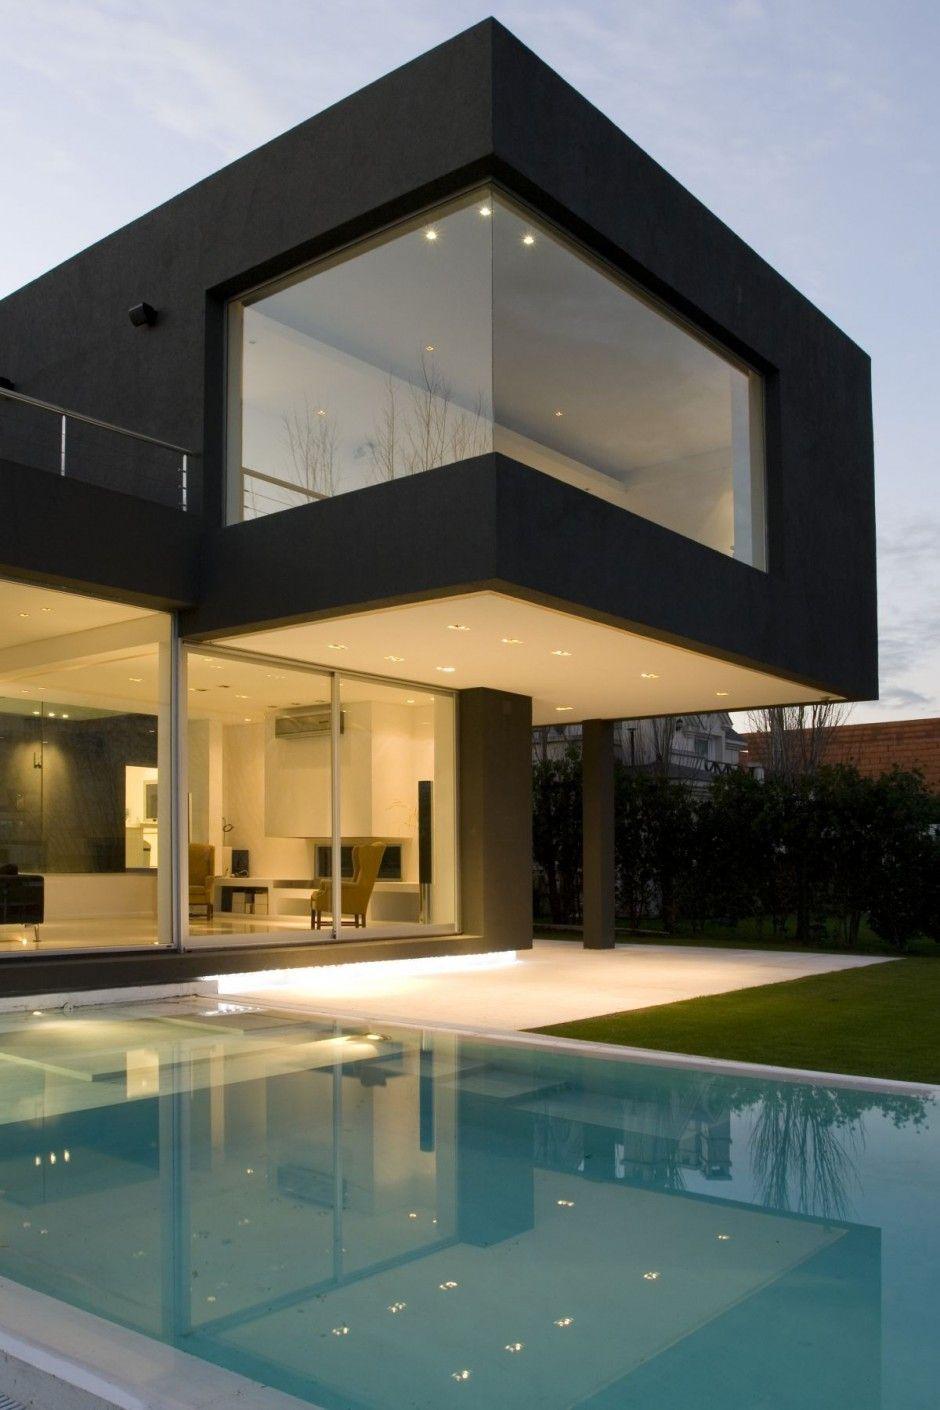 Casa minimalista canton dreams pinterest casa for Casa minimalista grande